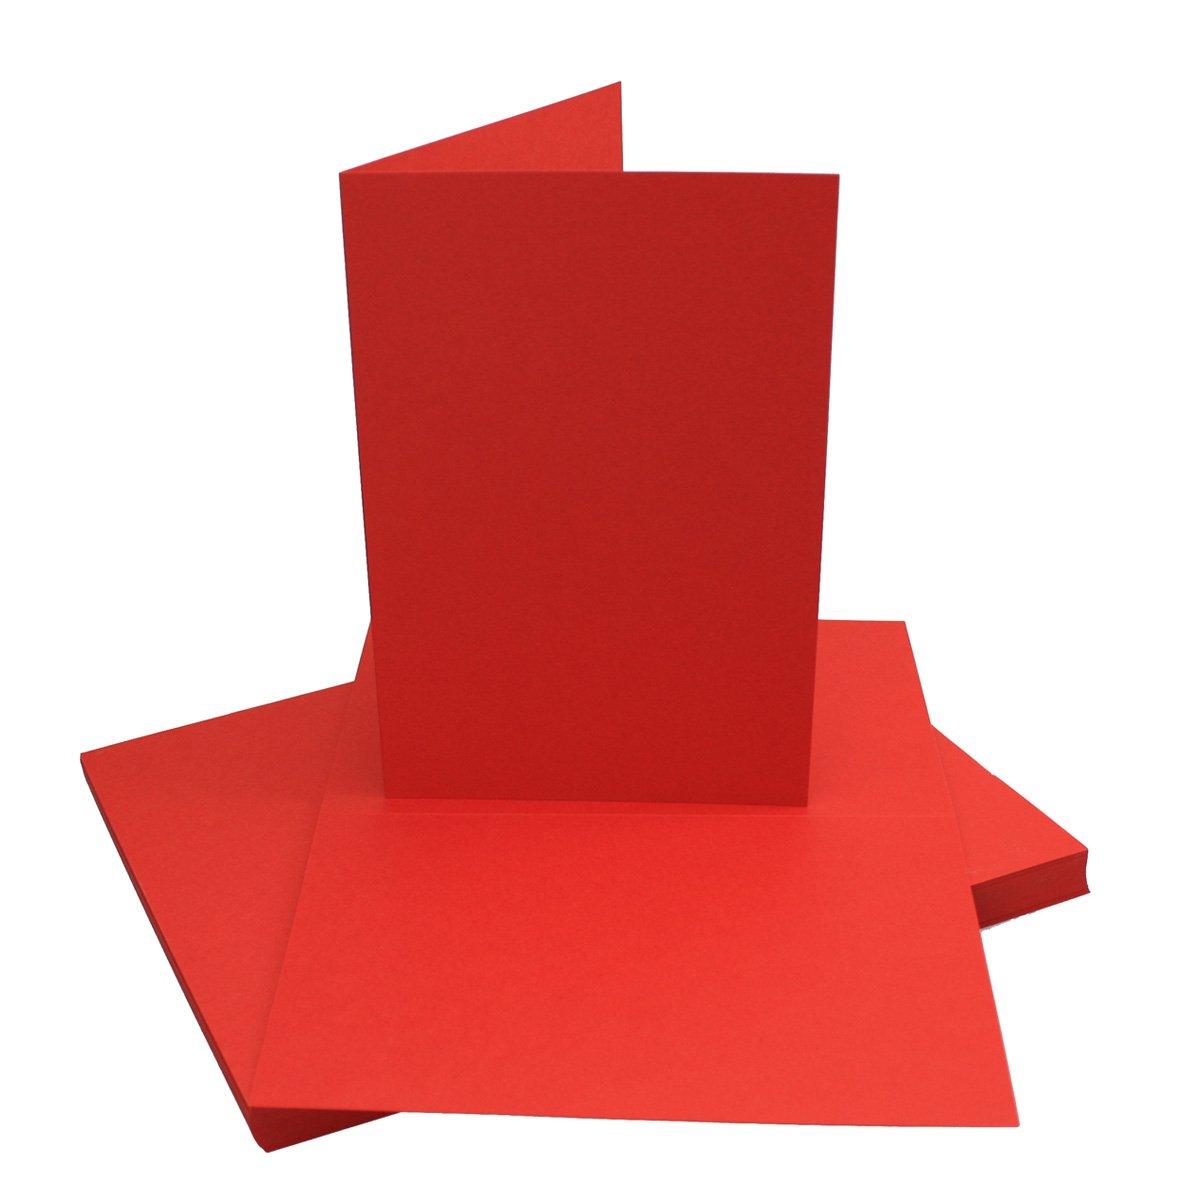 75 Sets - Faltkarten Hellgrau - Din A5 A5 A5  Umschläge Din C5 - Premium Qualität - Sehr formstabil - Qualitätsmarke  NEUSER FarbenFroh B07BSGP2GV |  Neuer Markt  17df26